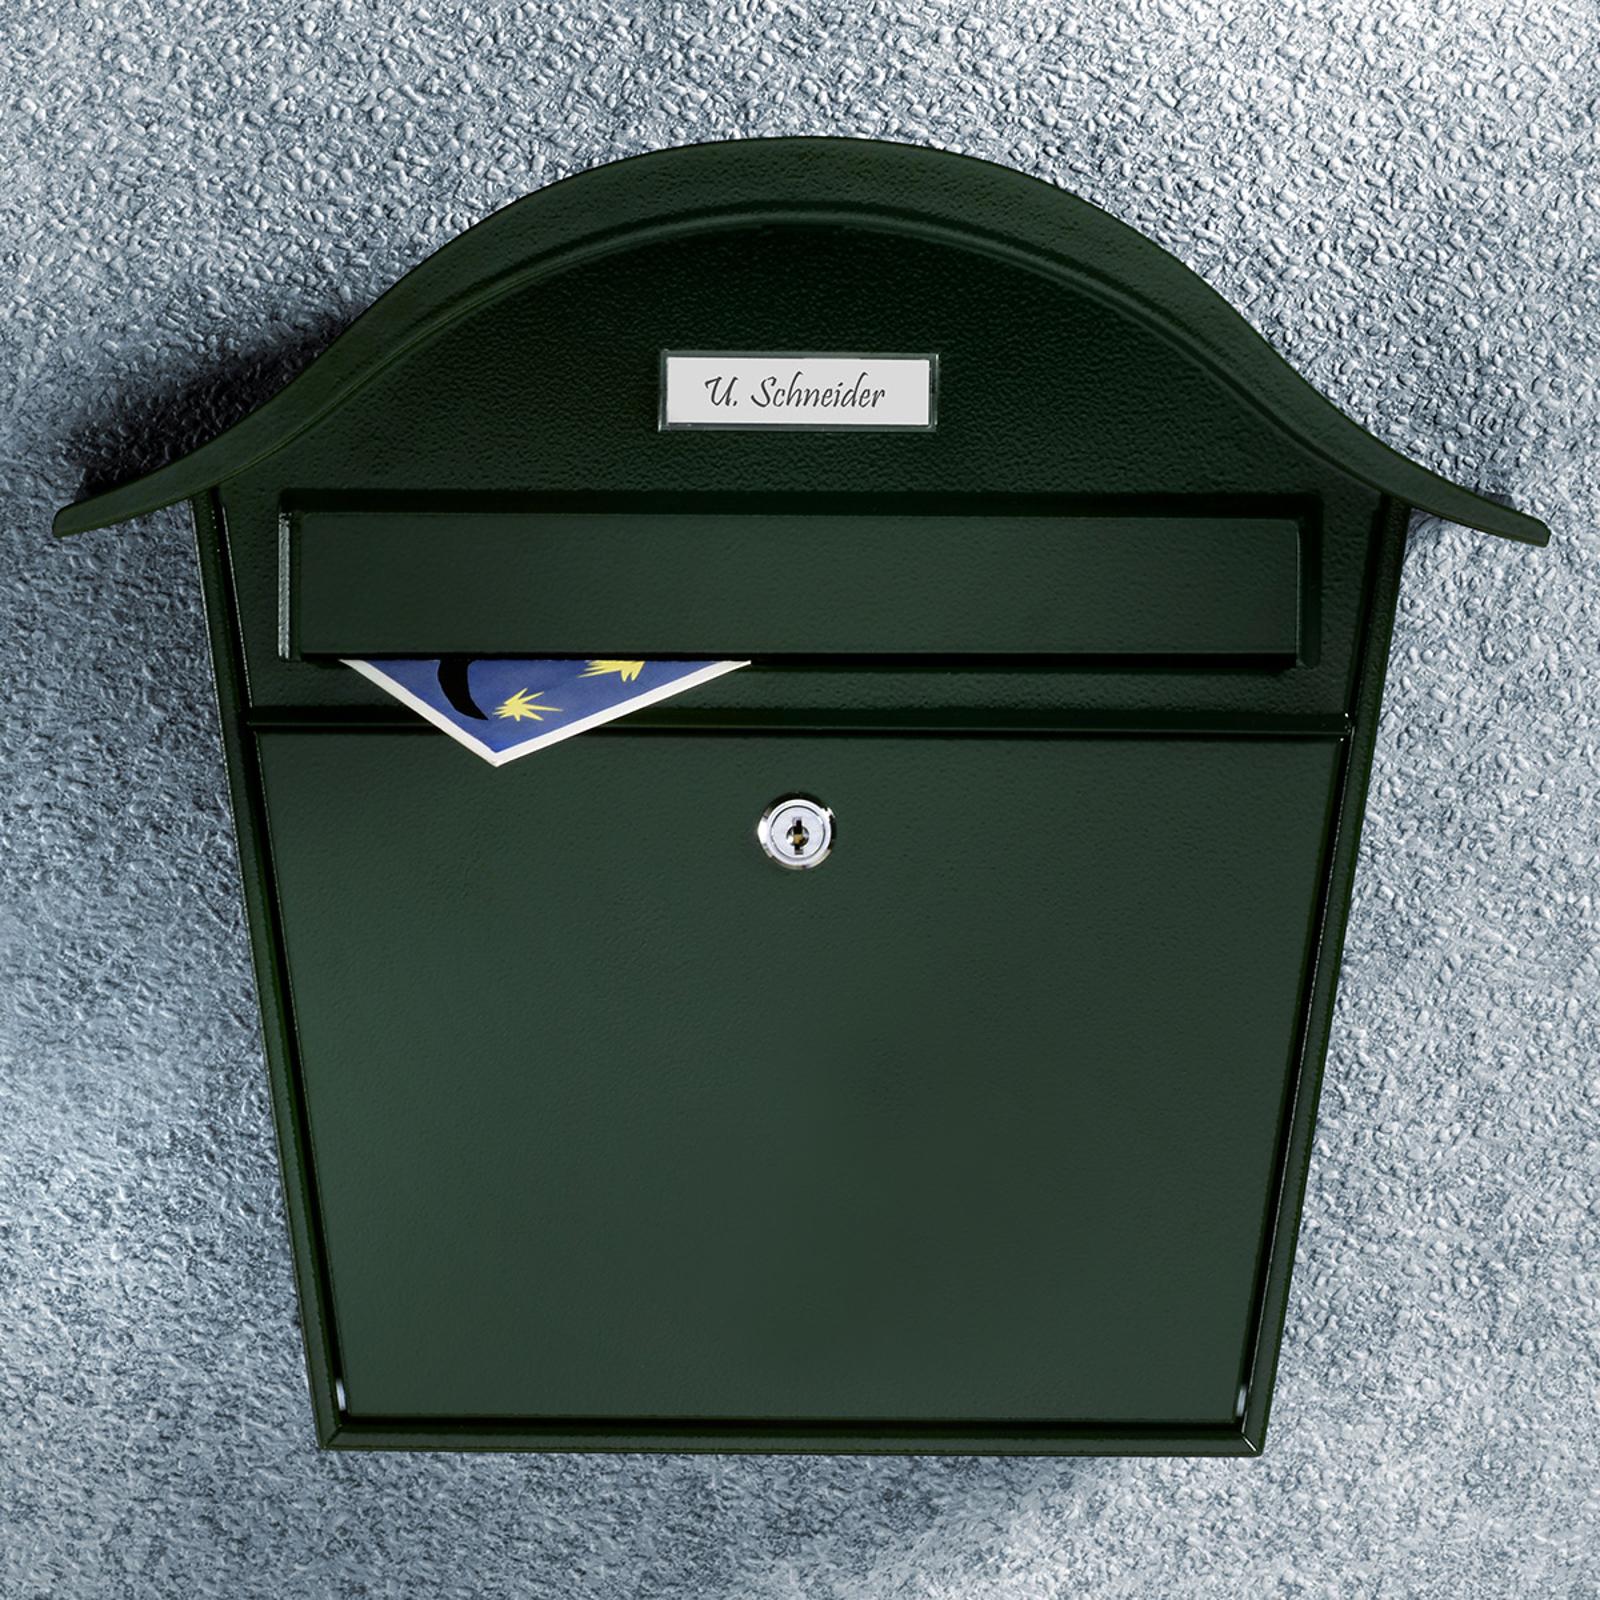 Vihreä postilaatikko Holiday 5842, terästä